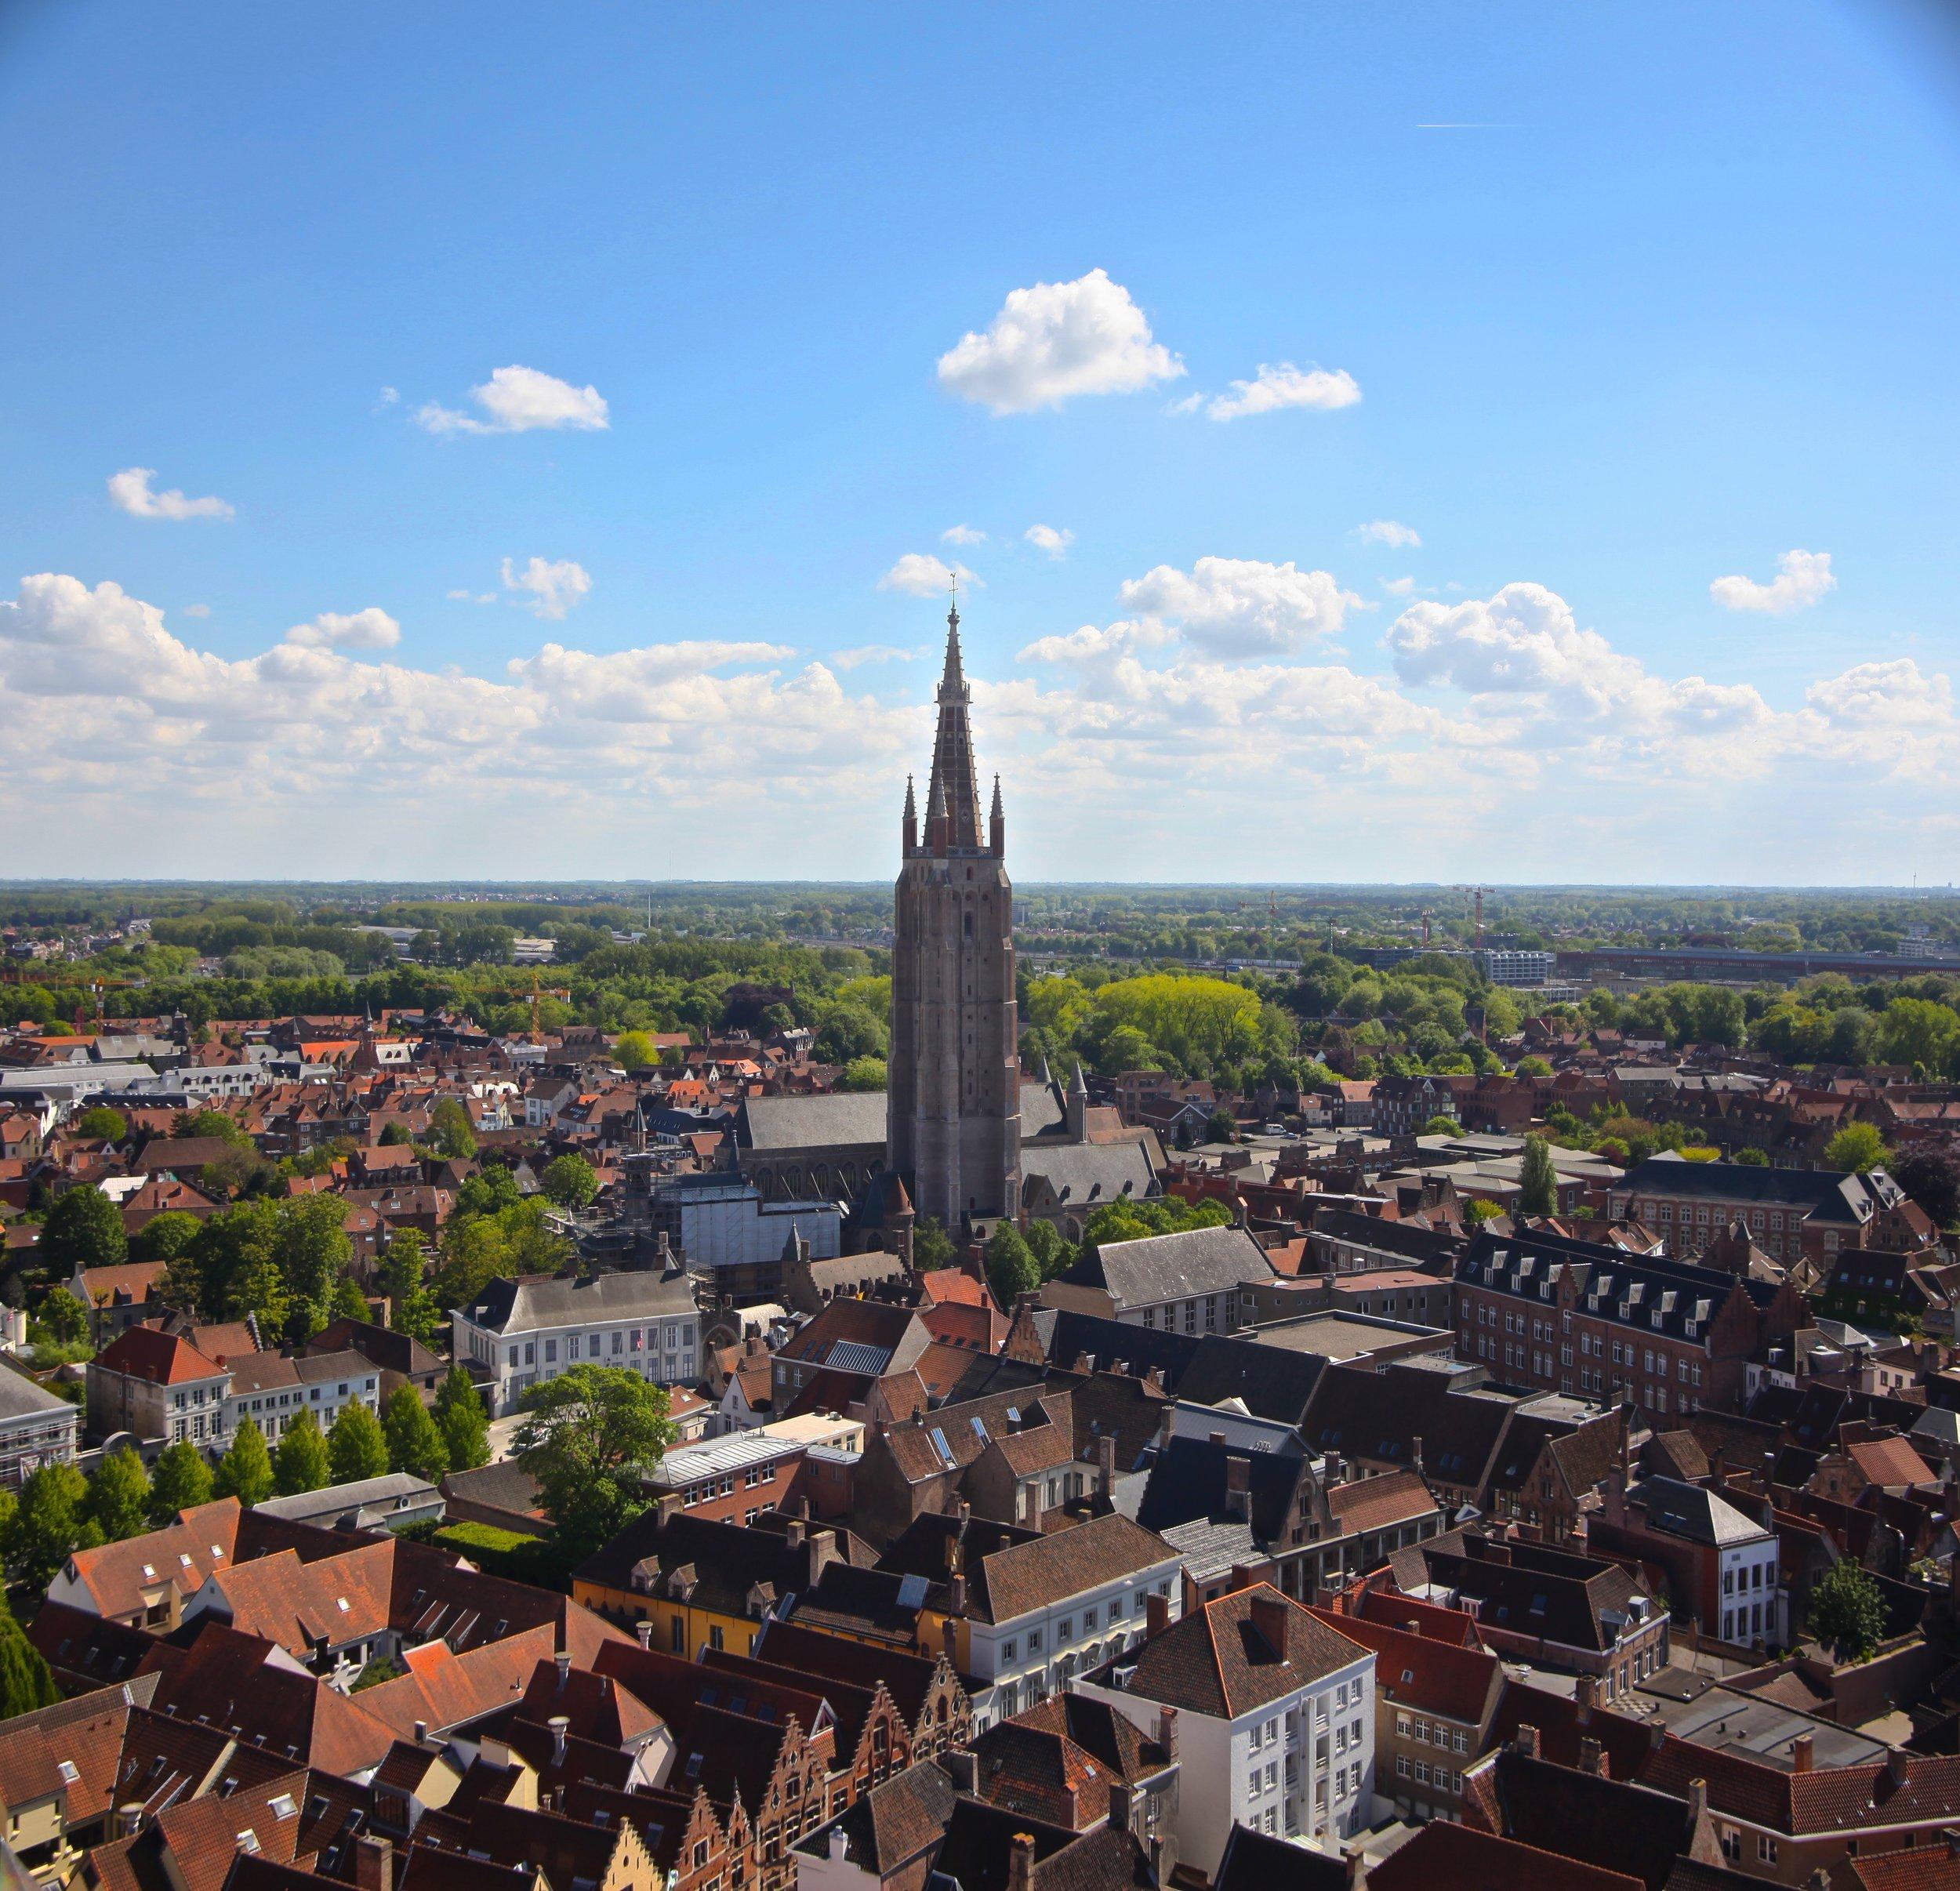 Markt Square/Tower of Belfry , Markt 7, 8000 Brugge, Belgium